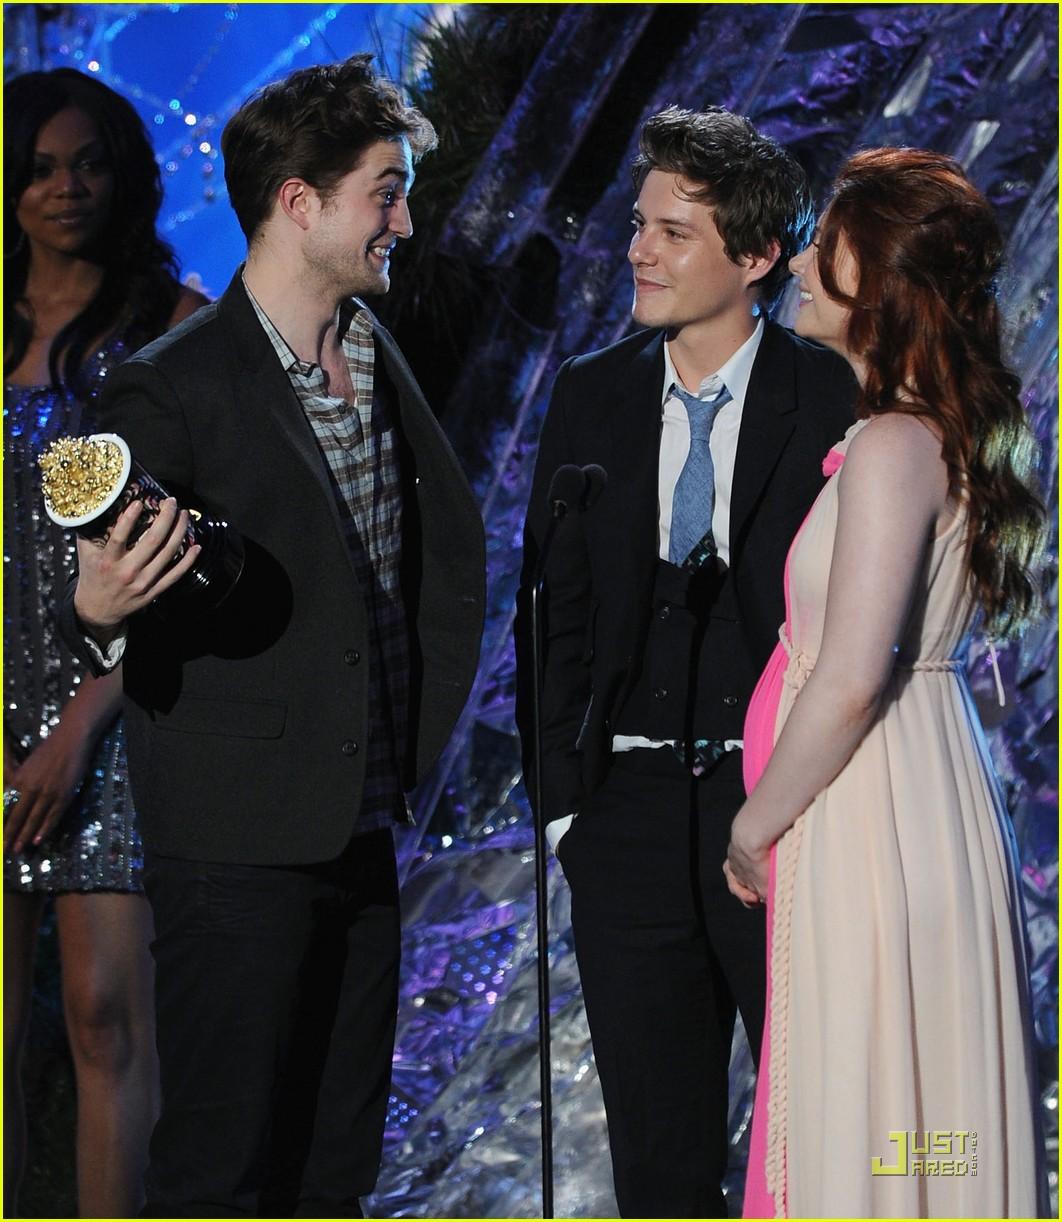 bryce dallas howard julia jones mtv movie awards 2011 06